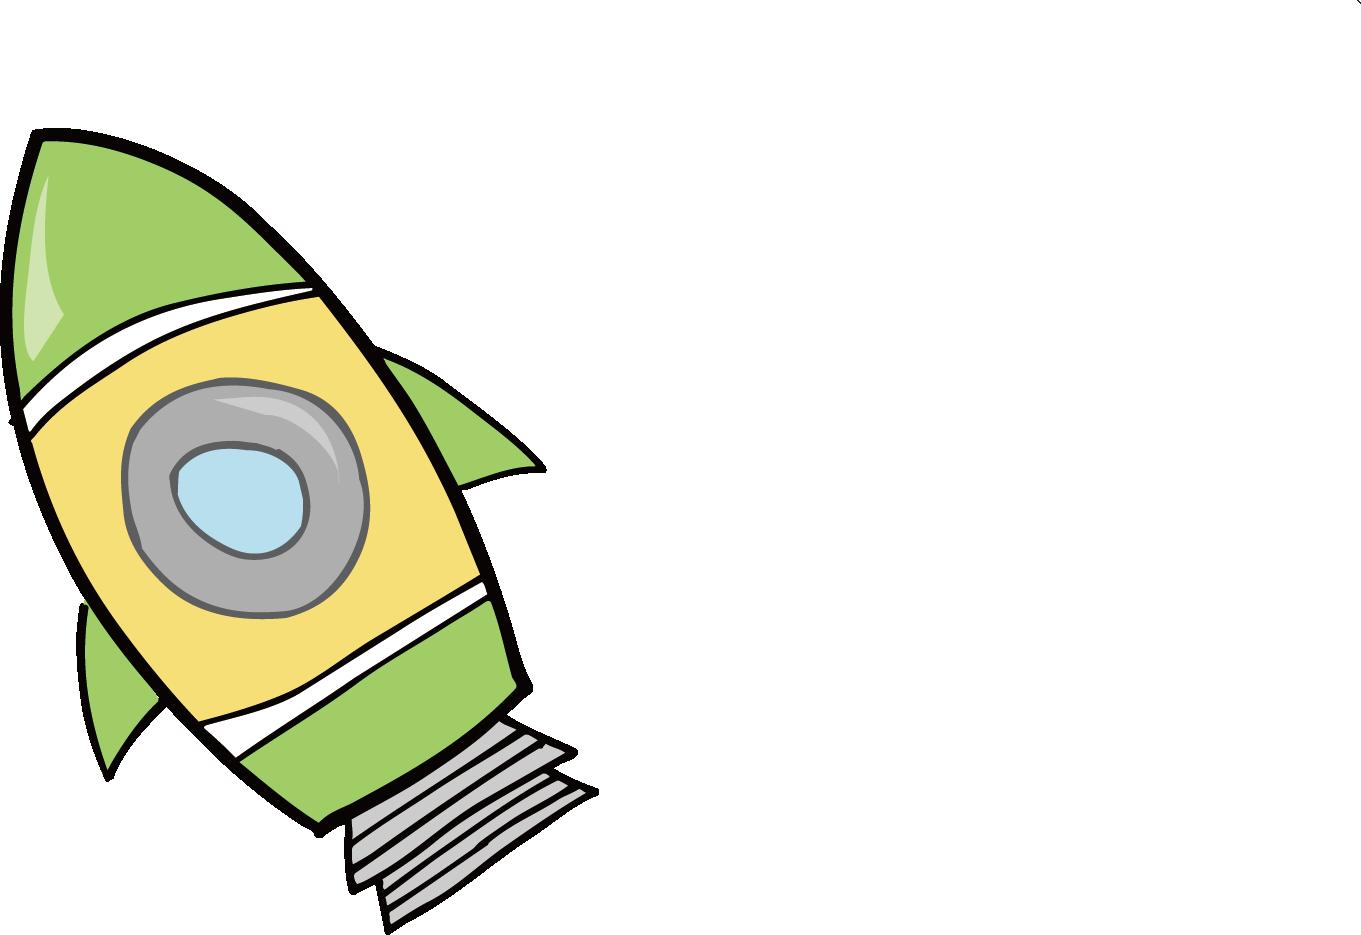 Spaceship clipart fusee. Cartoon rocket drawing at